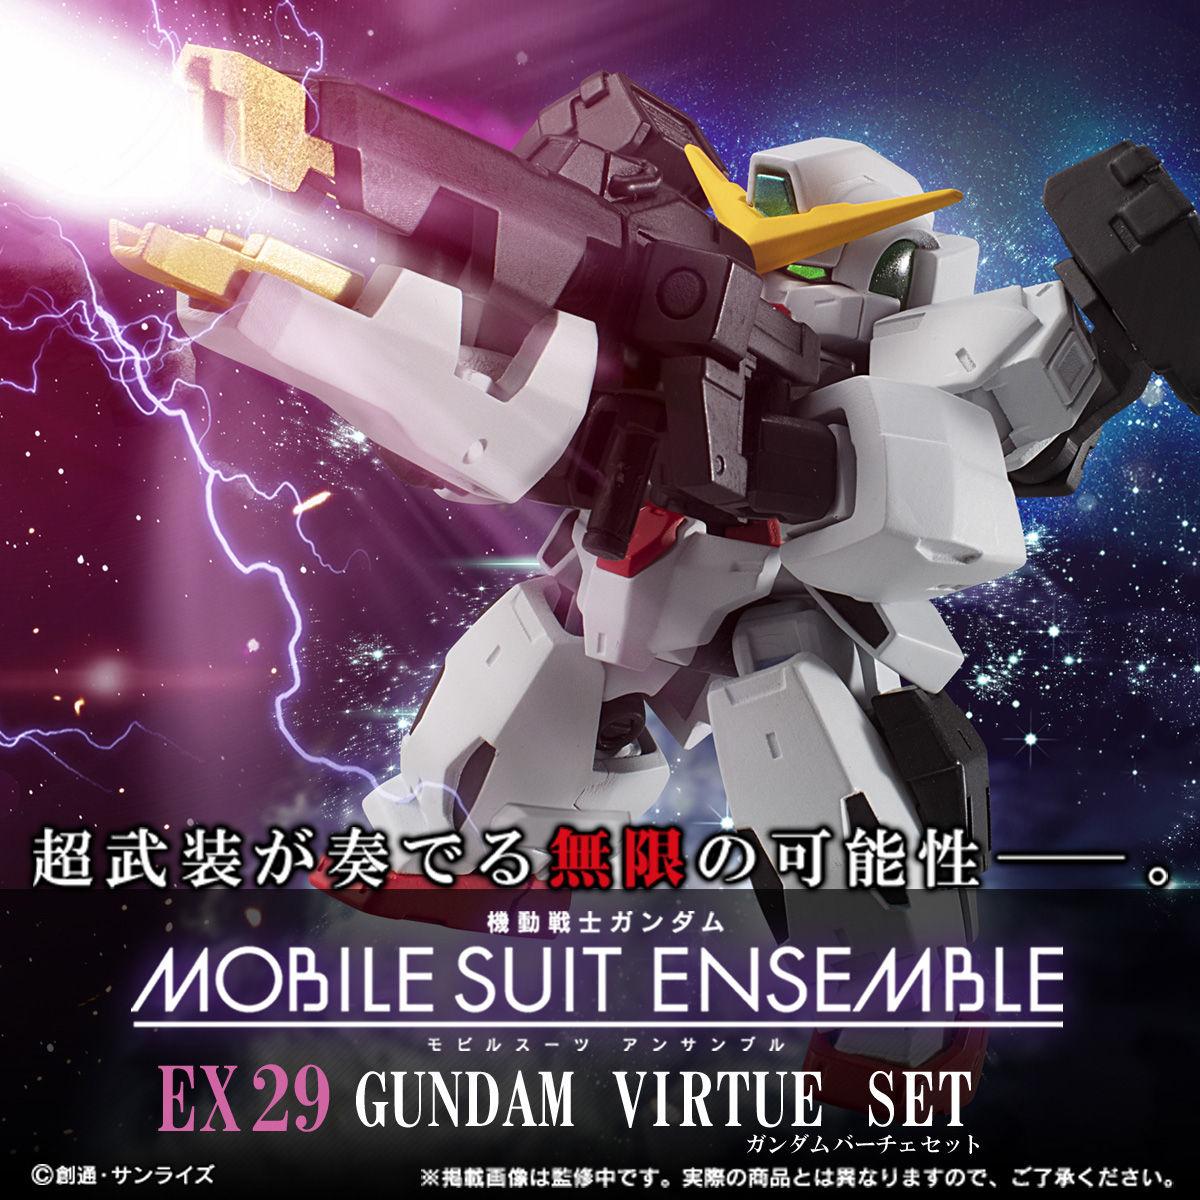 【限定販売】MOBILE SUIT ENSEMBLE『EX29 ガンダムヴァーチェ セット』デフォルメ可動フィギュア-001